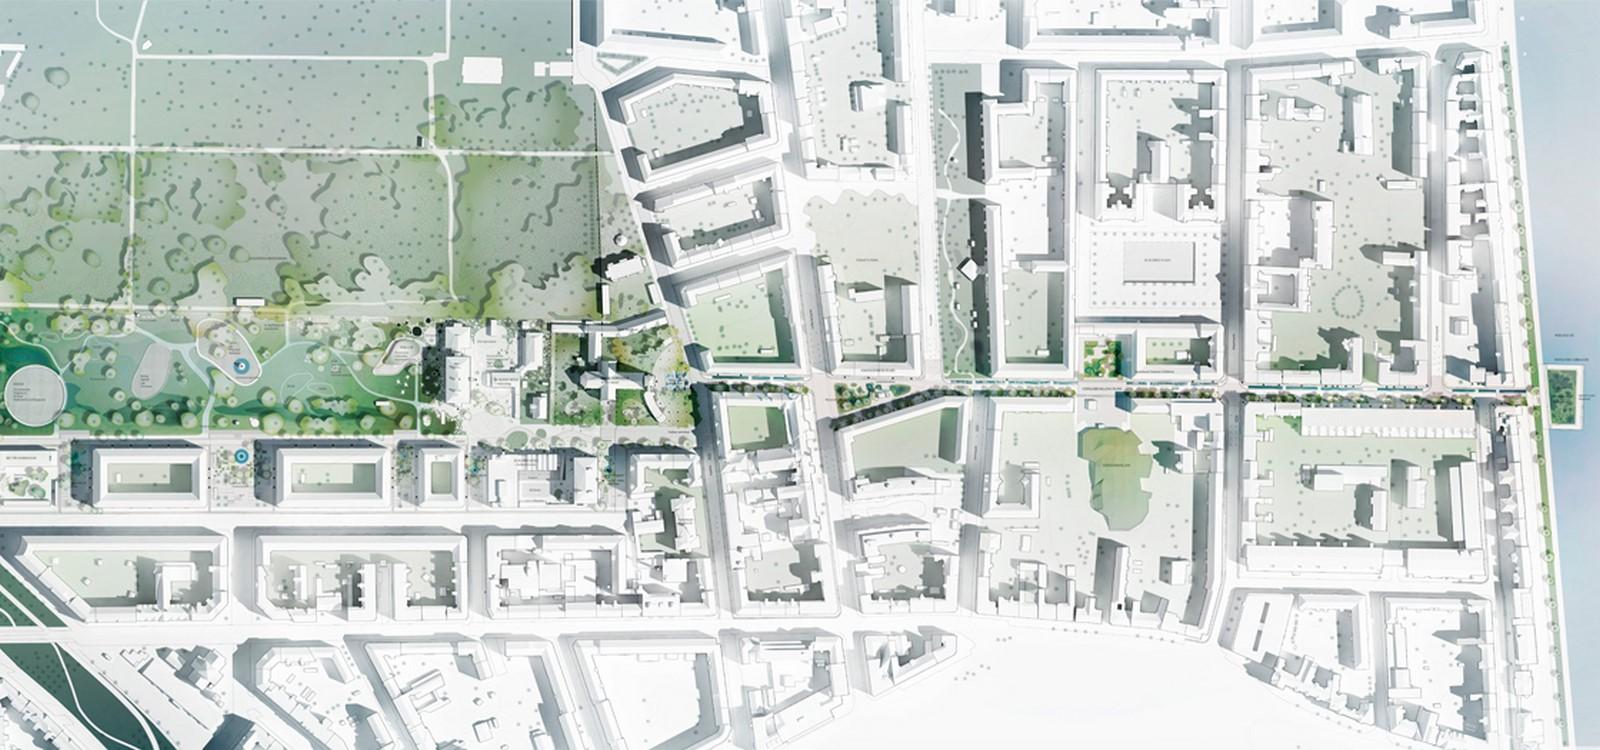 Hans Tavsens Park and Korsgade - Sheet2